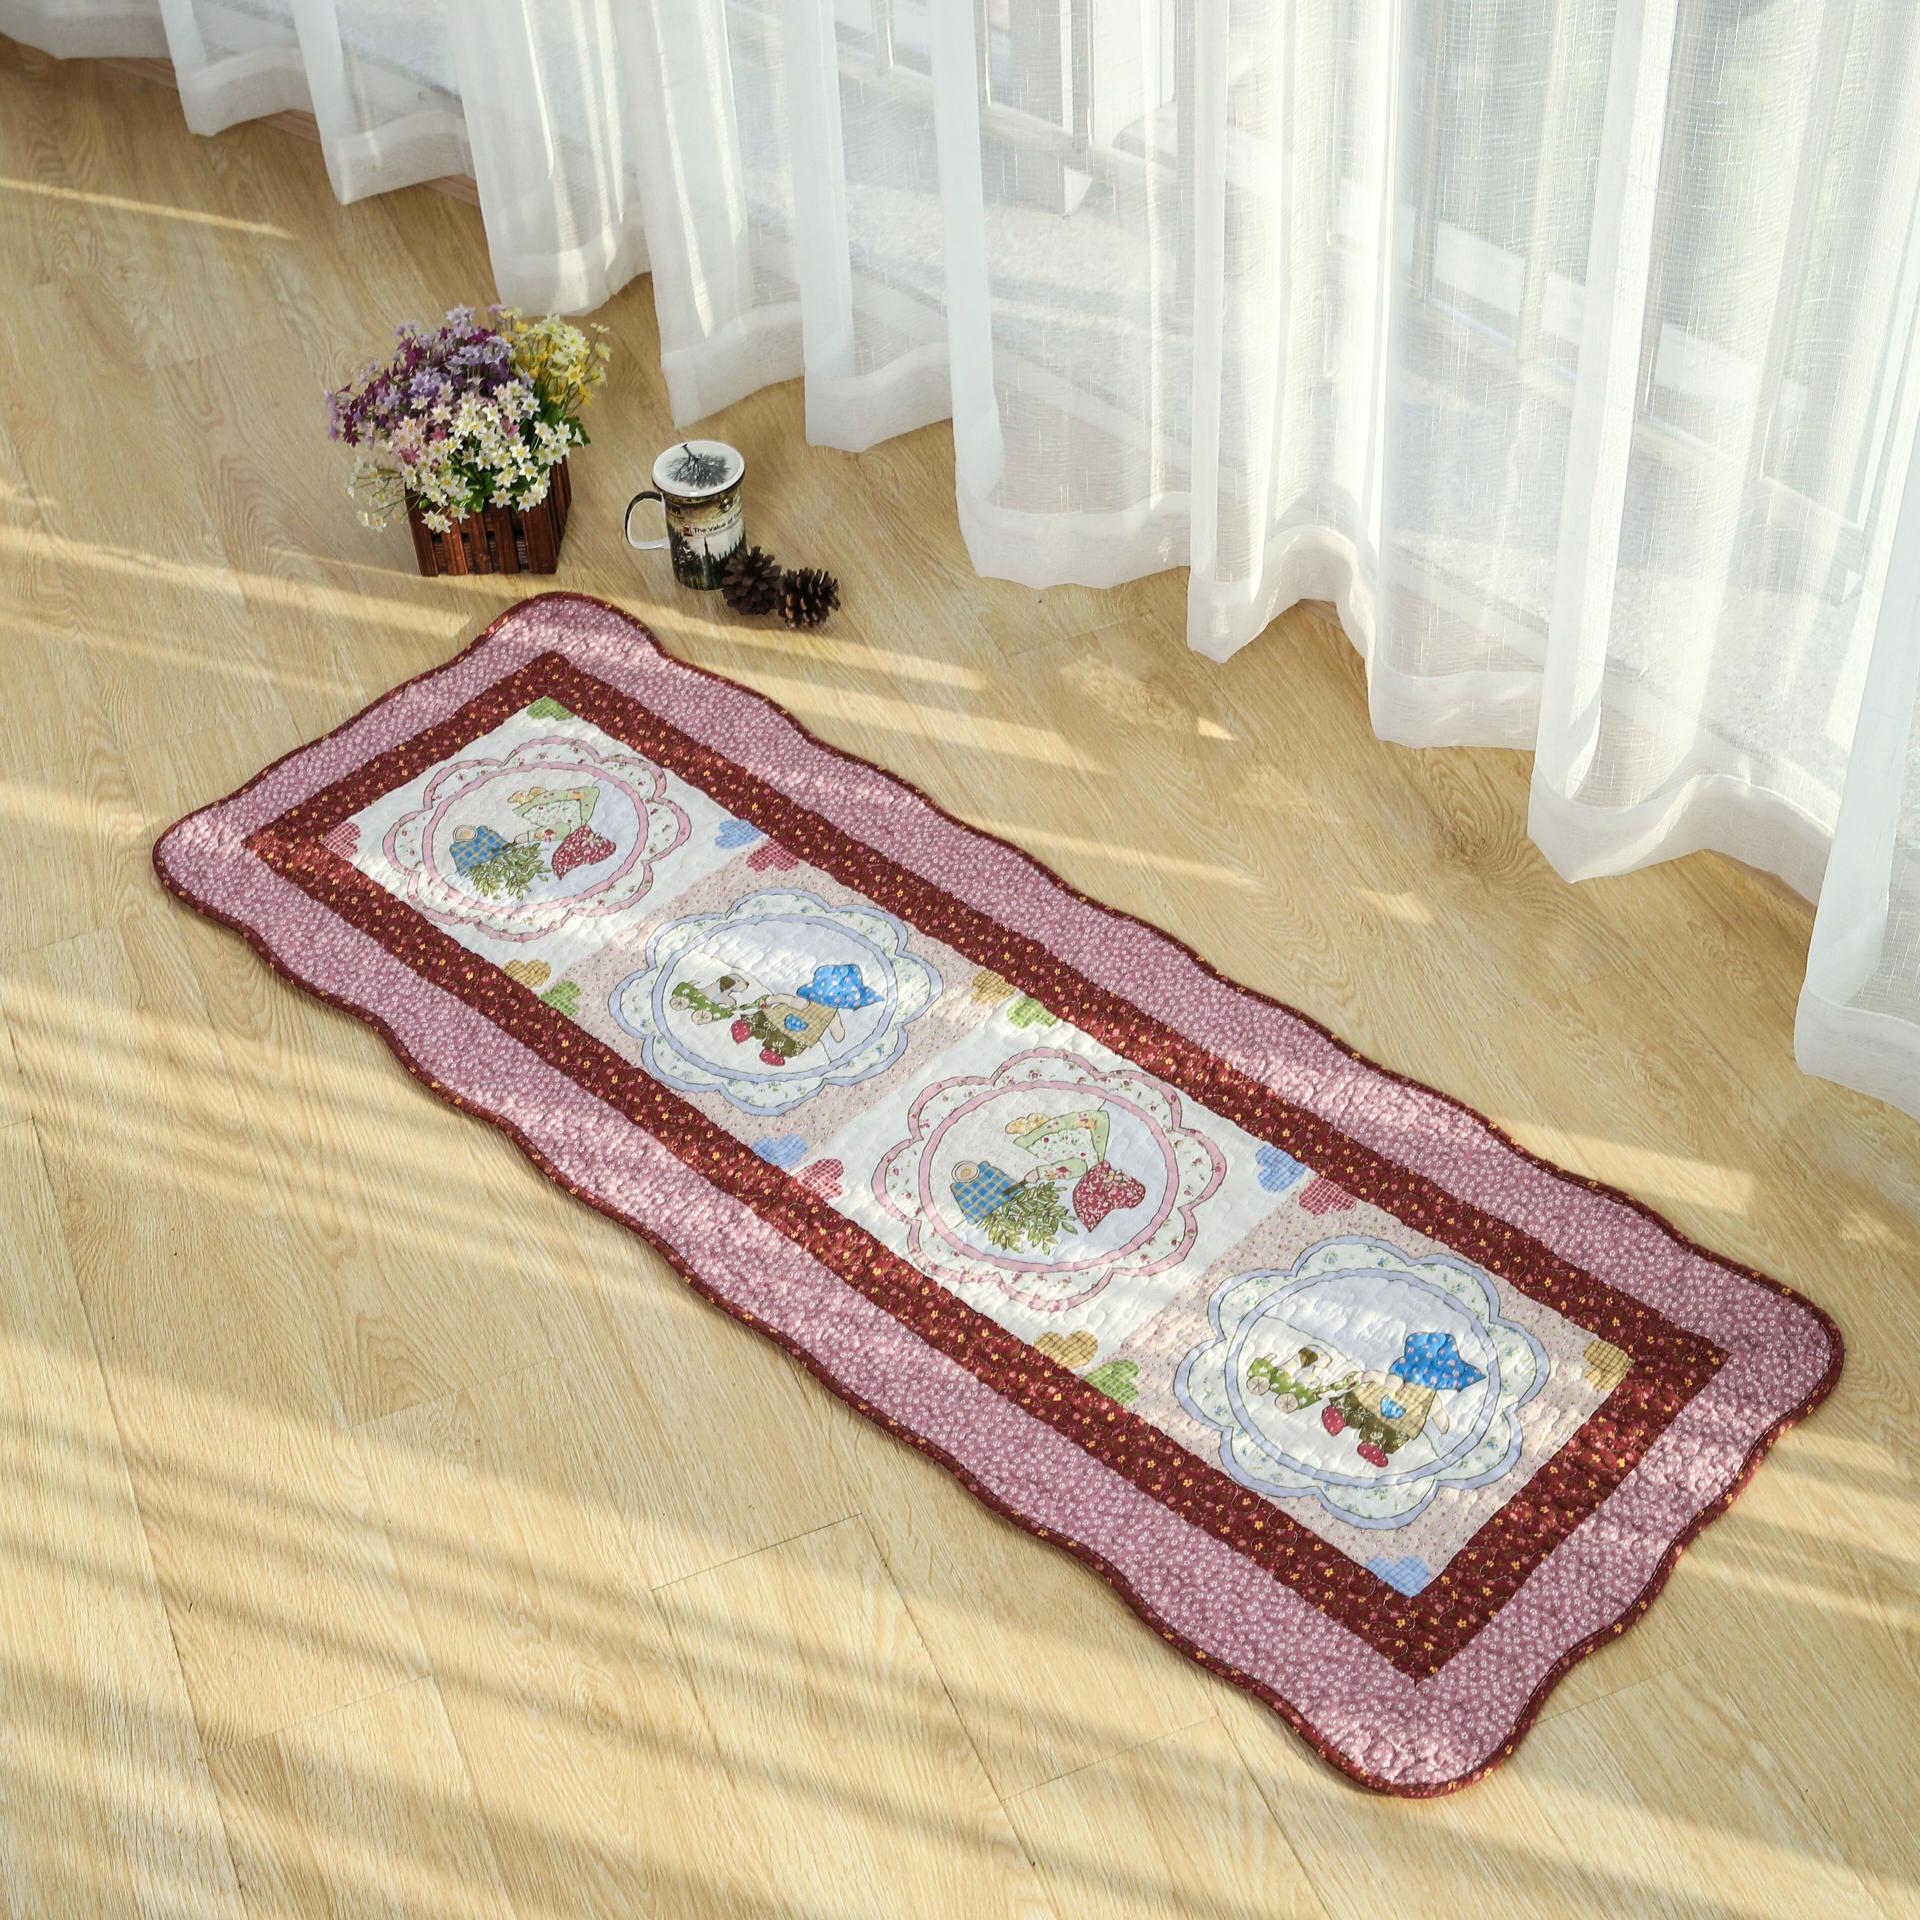 厂家批发全棉绗缝布艺美式田园风客厅卧室 家居地毯垫门前垫